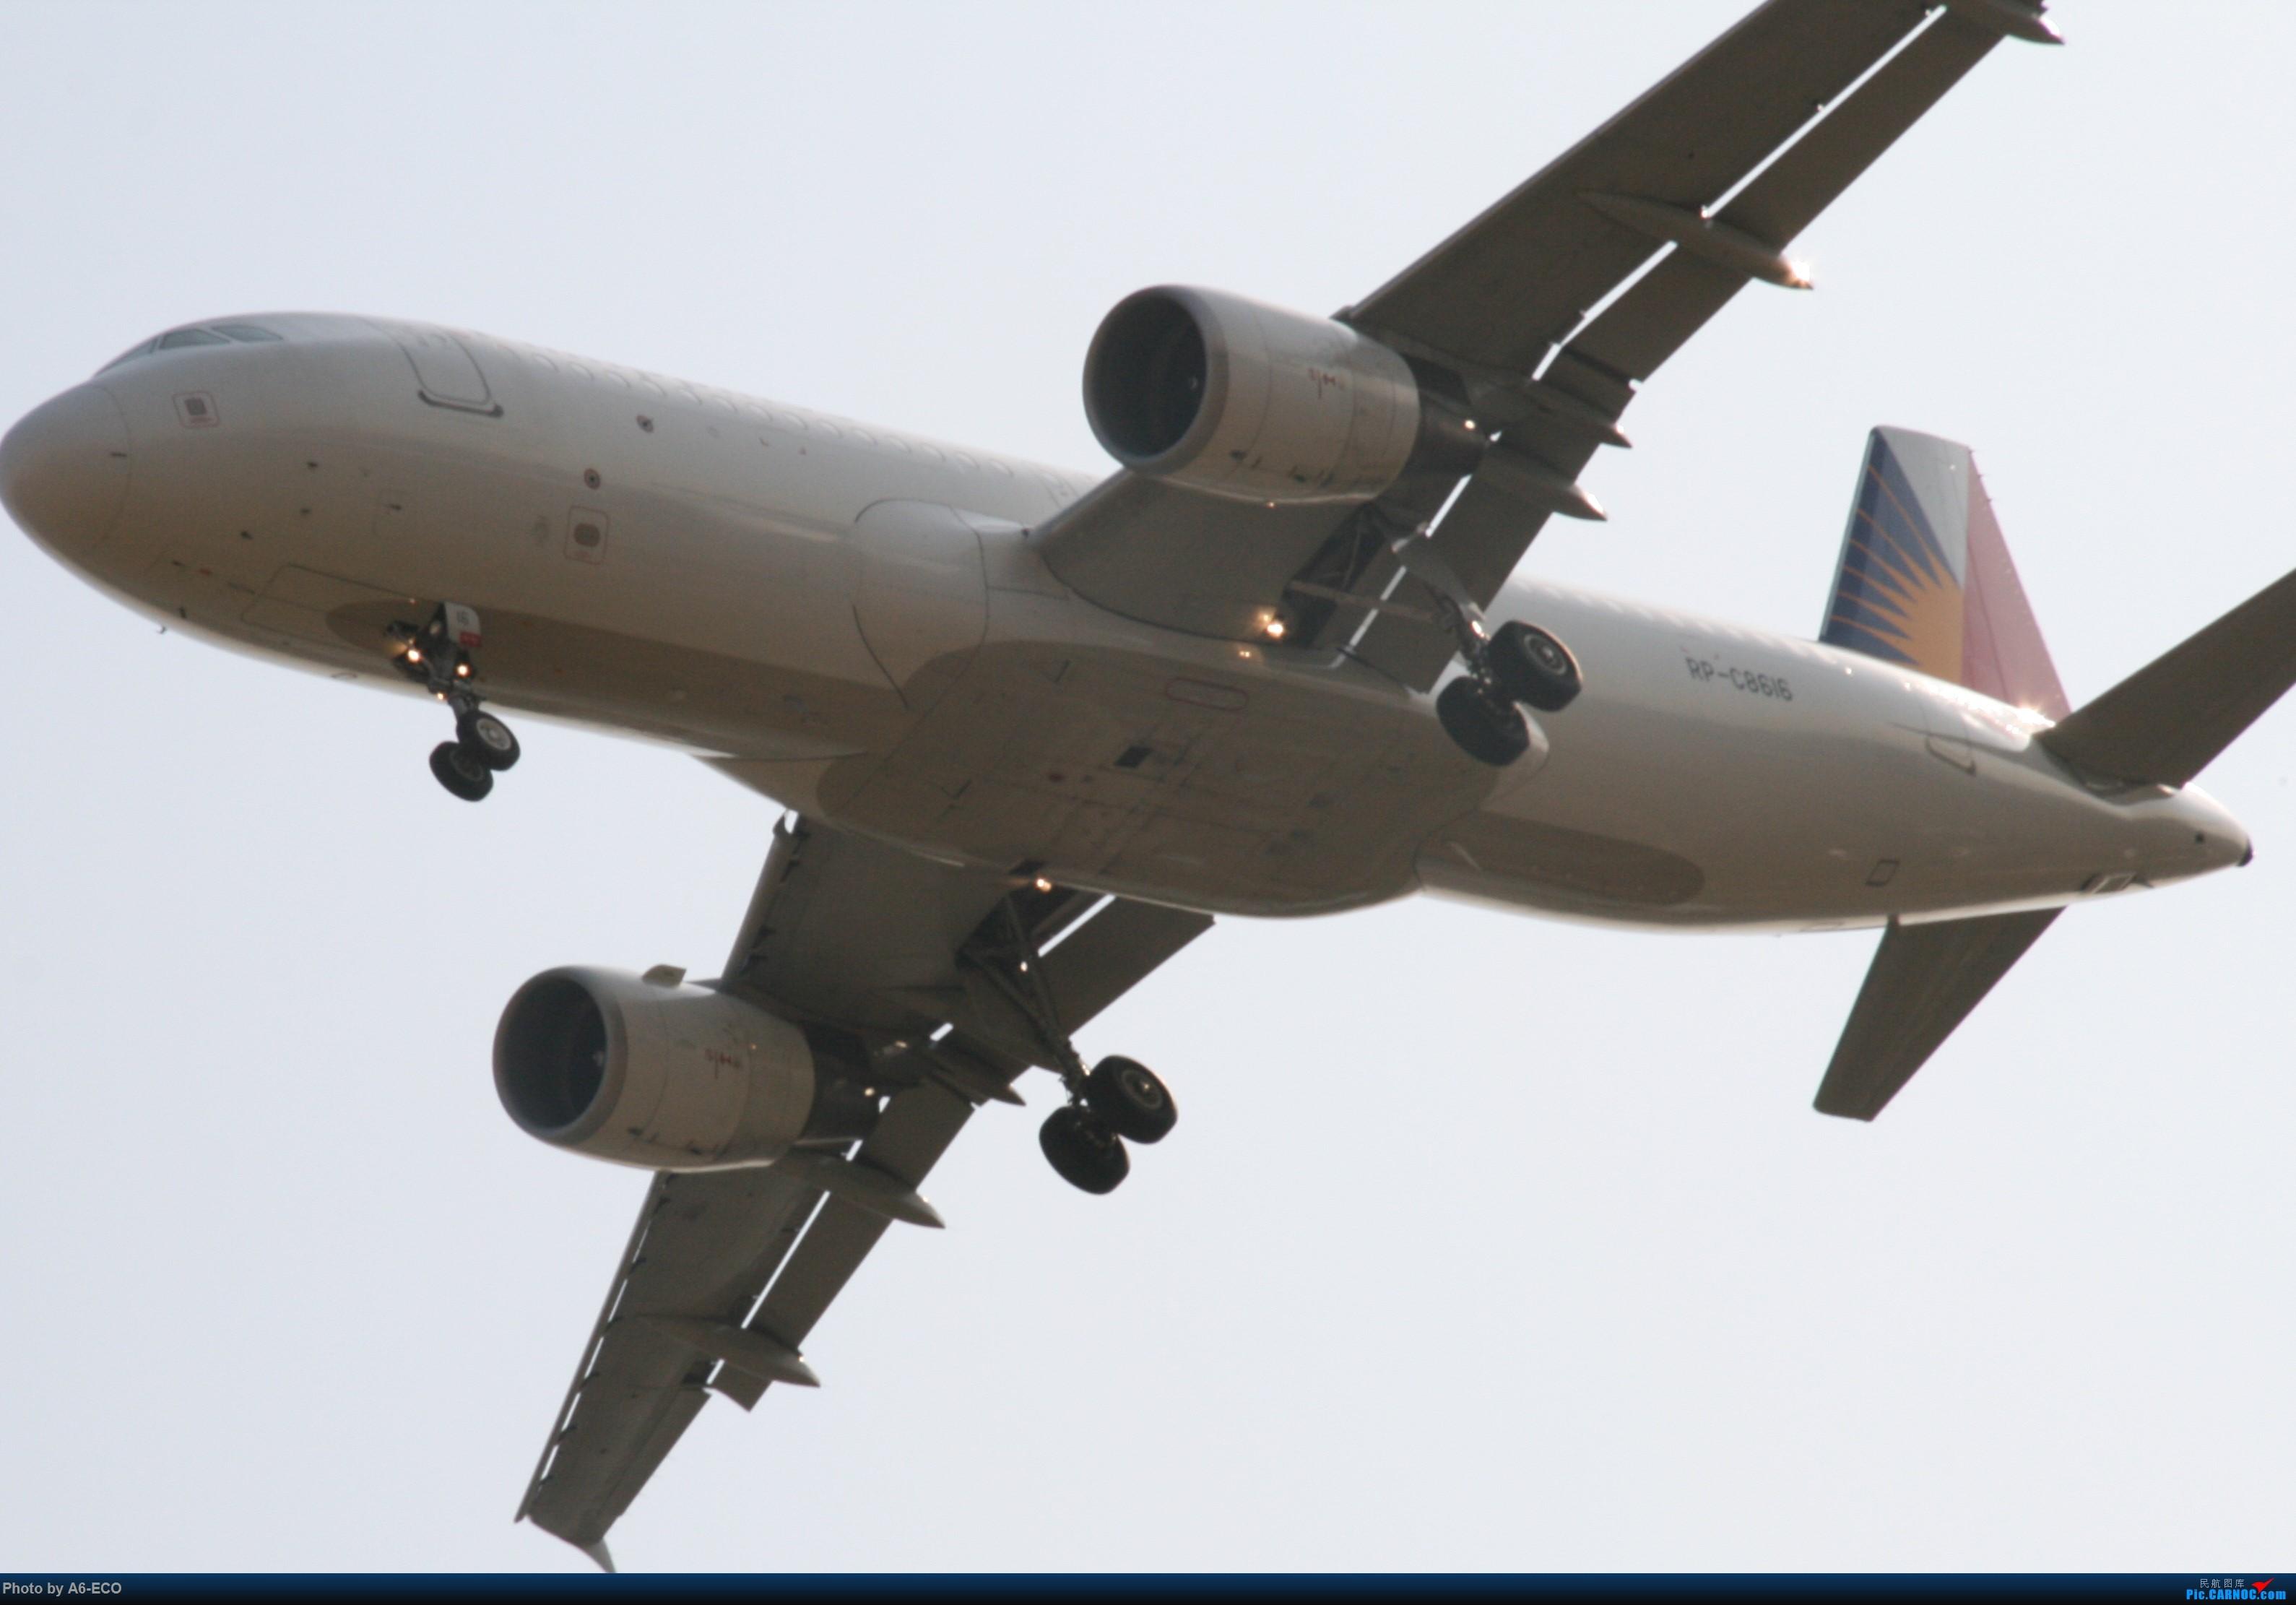 Re:[原创]大家双十一都du'o了什么?我在pek拍机 AIRBUS A320-200 RP-C8616 中国北京首都国际机场